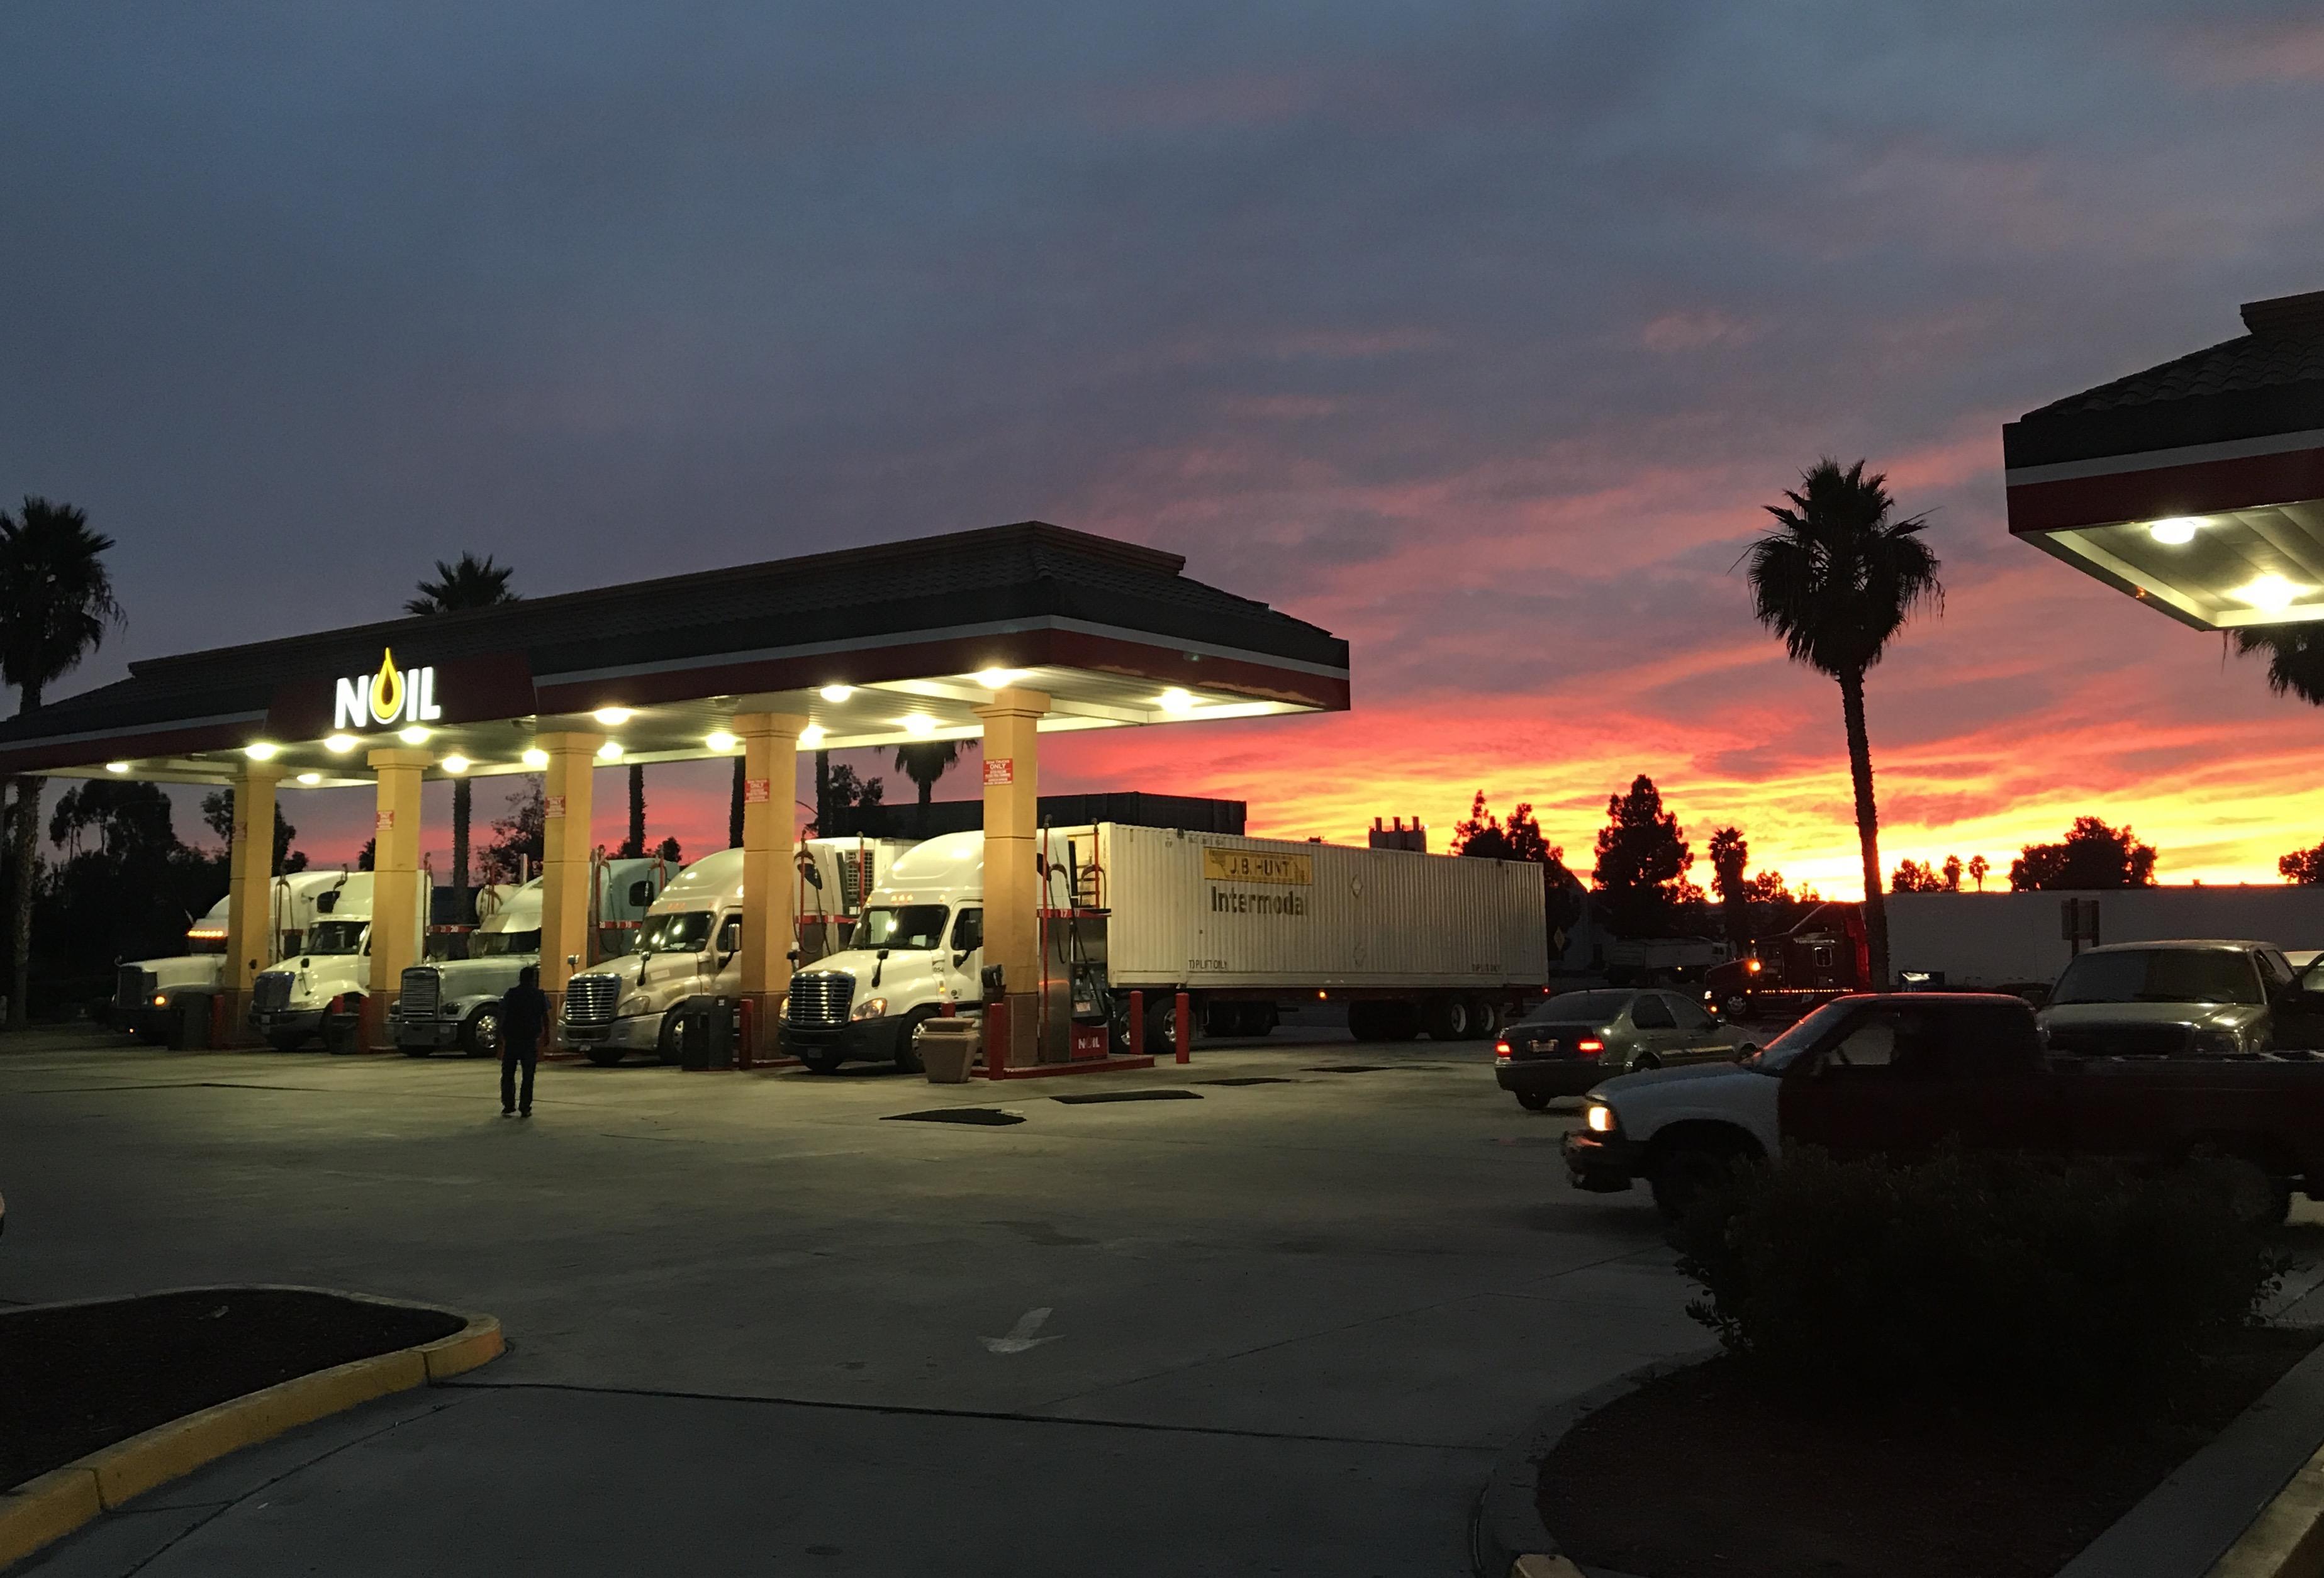 Noil San Diego